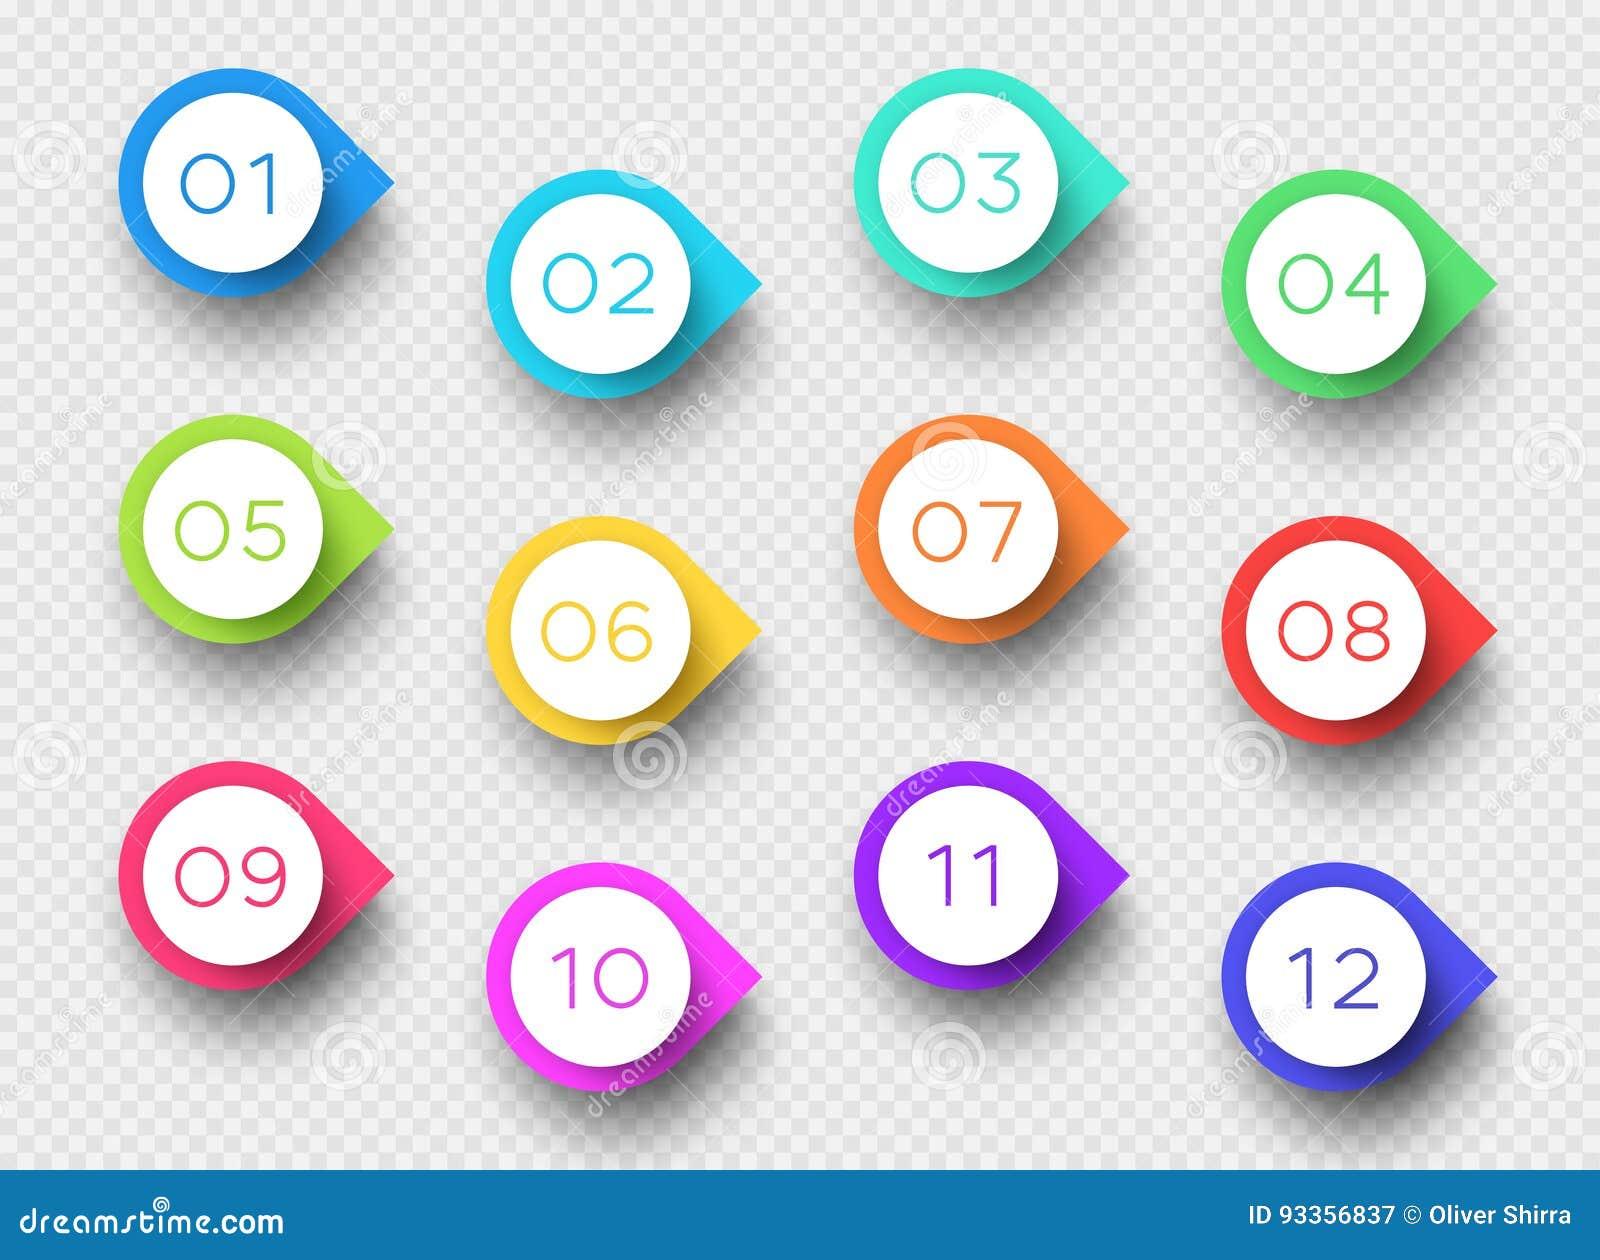 Numere a los marcadores coloridos 3d 1 al vector 12 del punto de bala